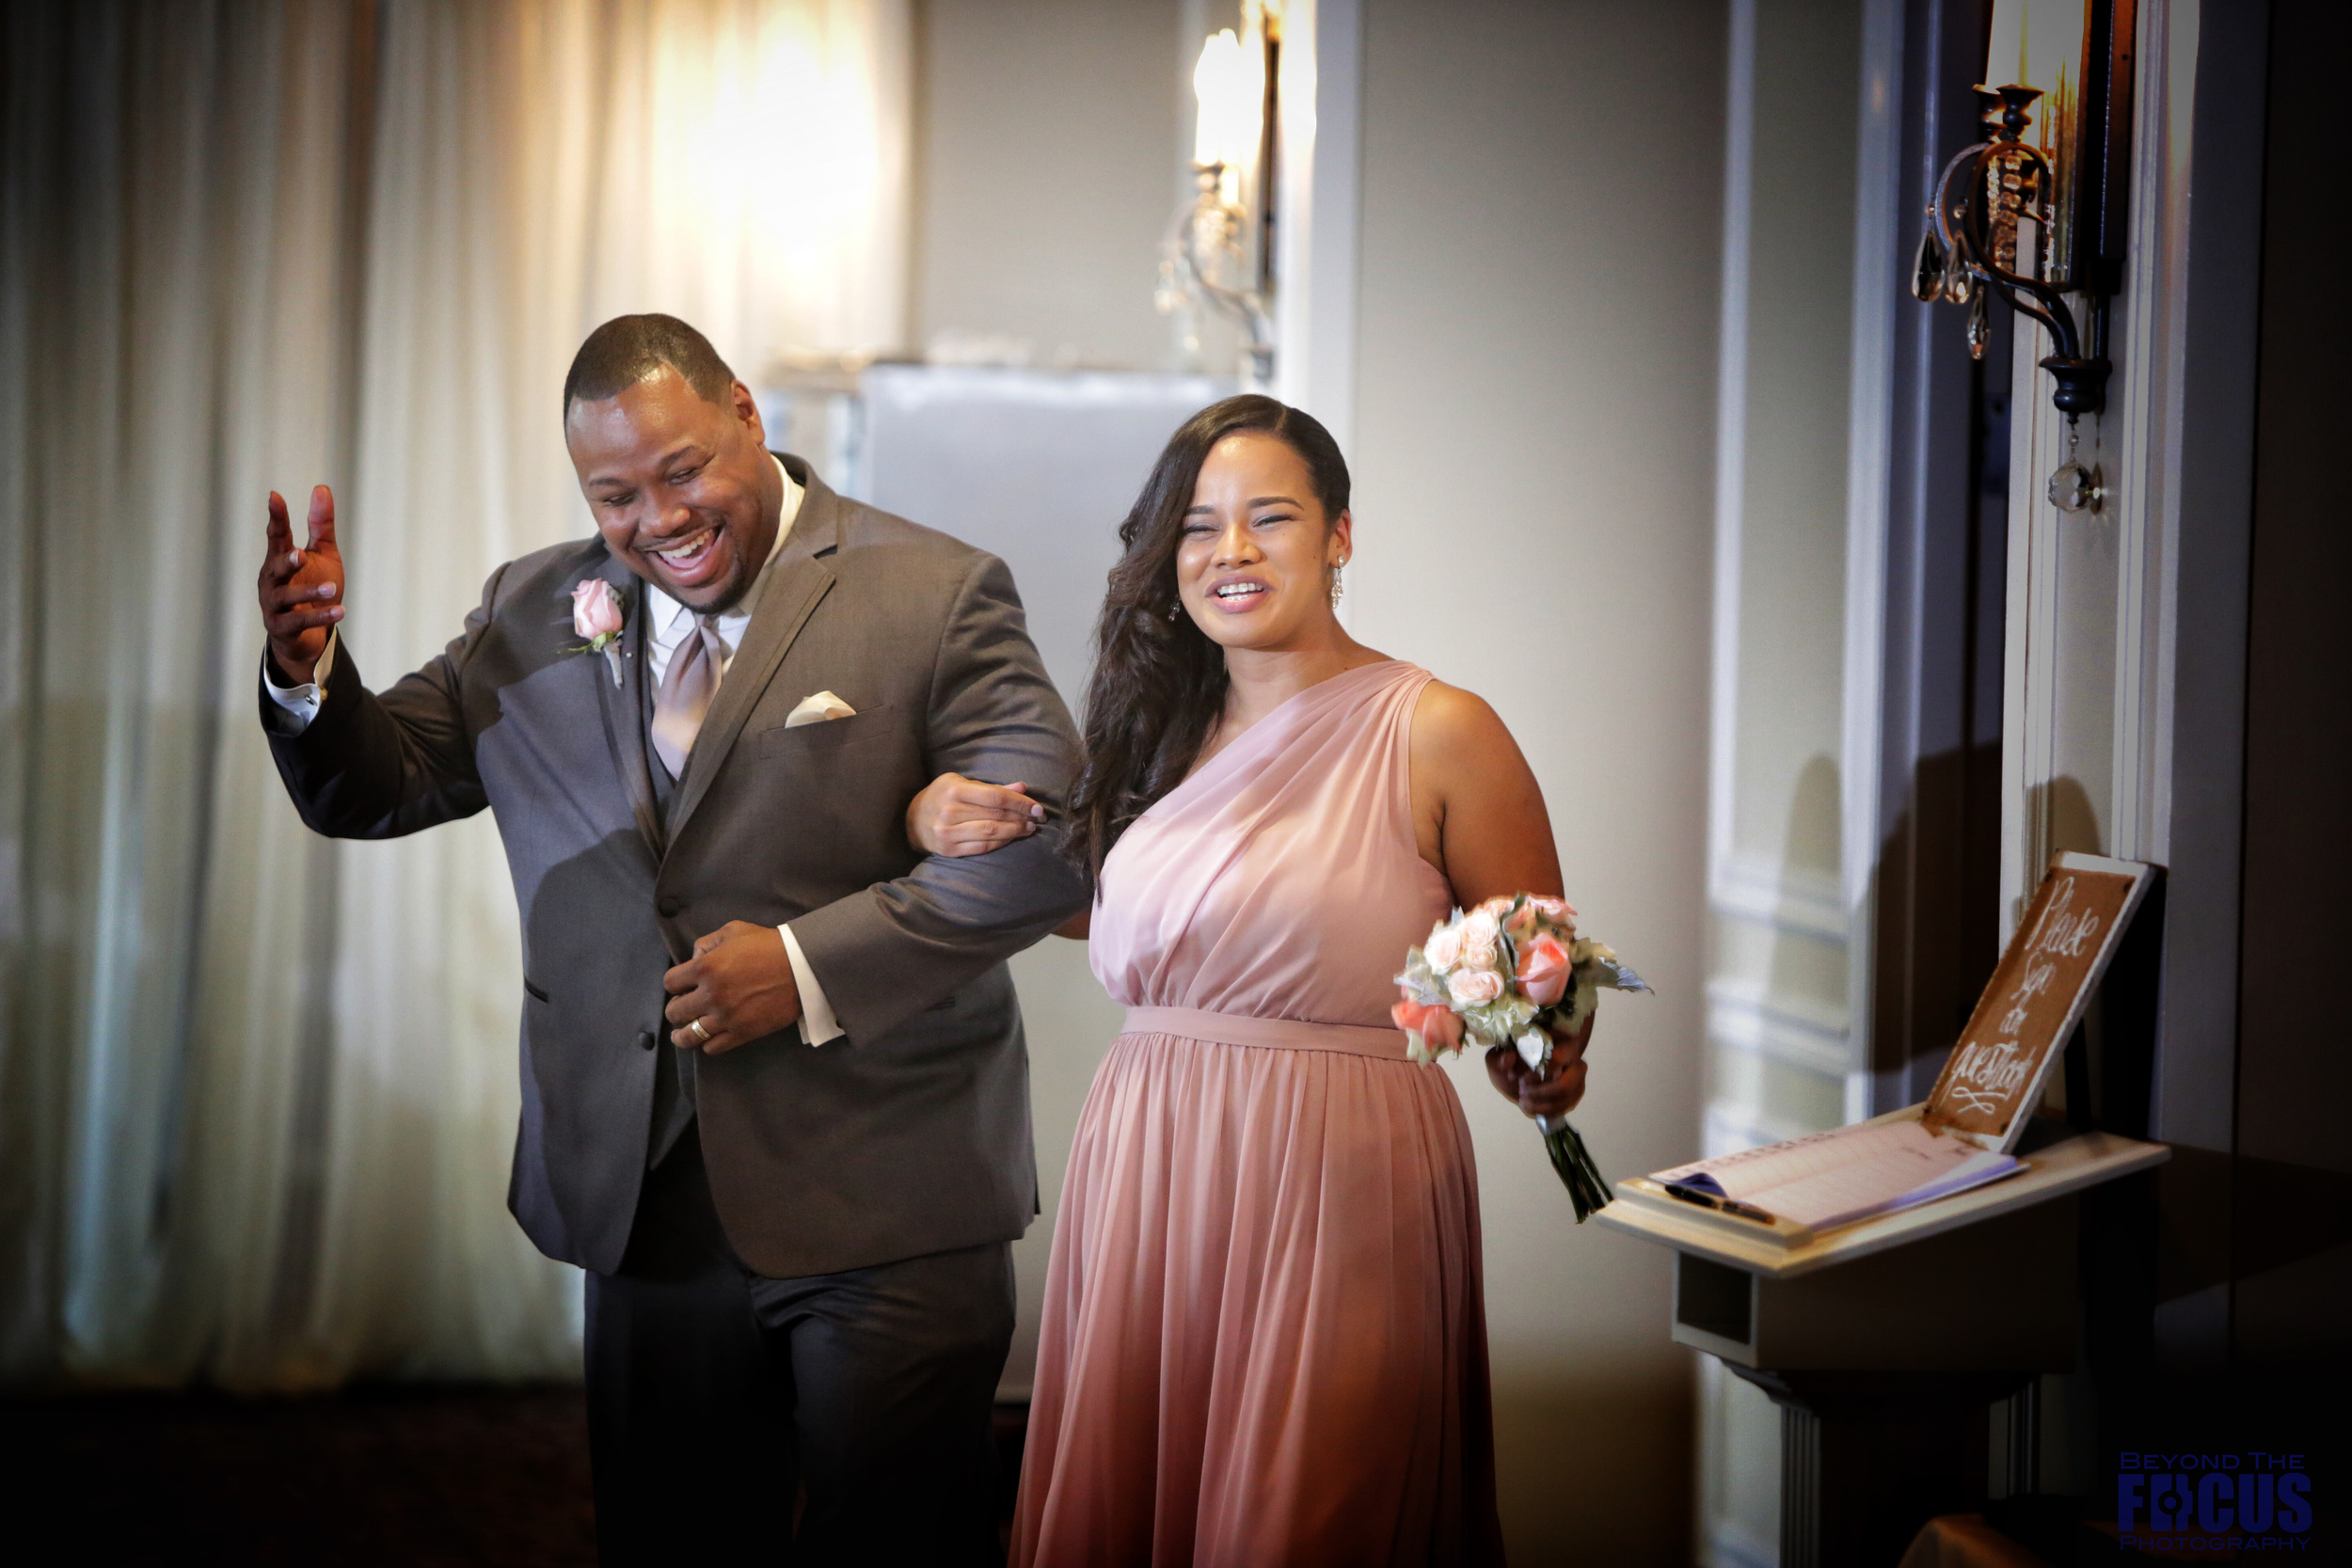 Palmer Wedding - Wedding Reception41.jpg